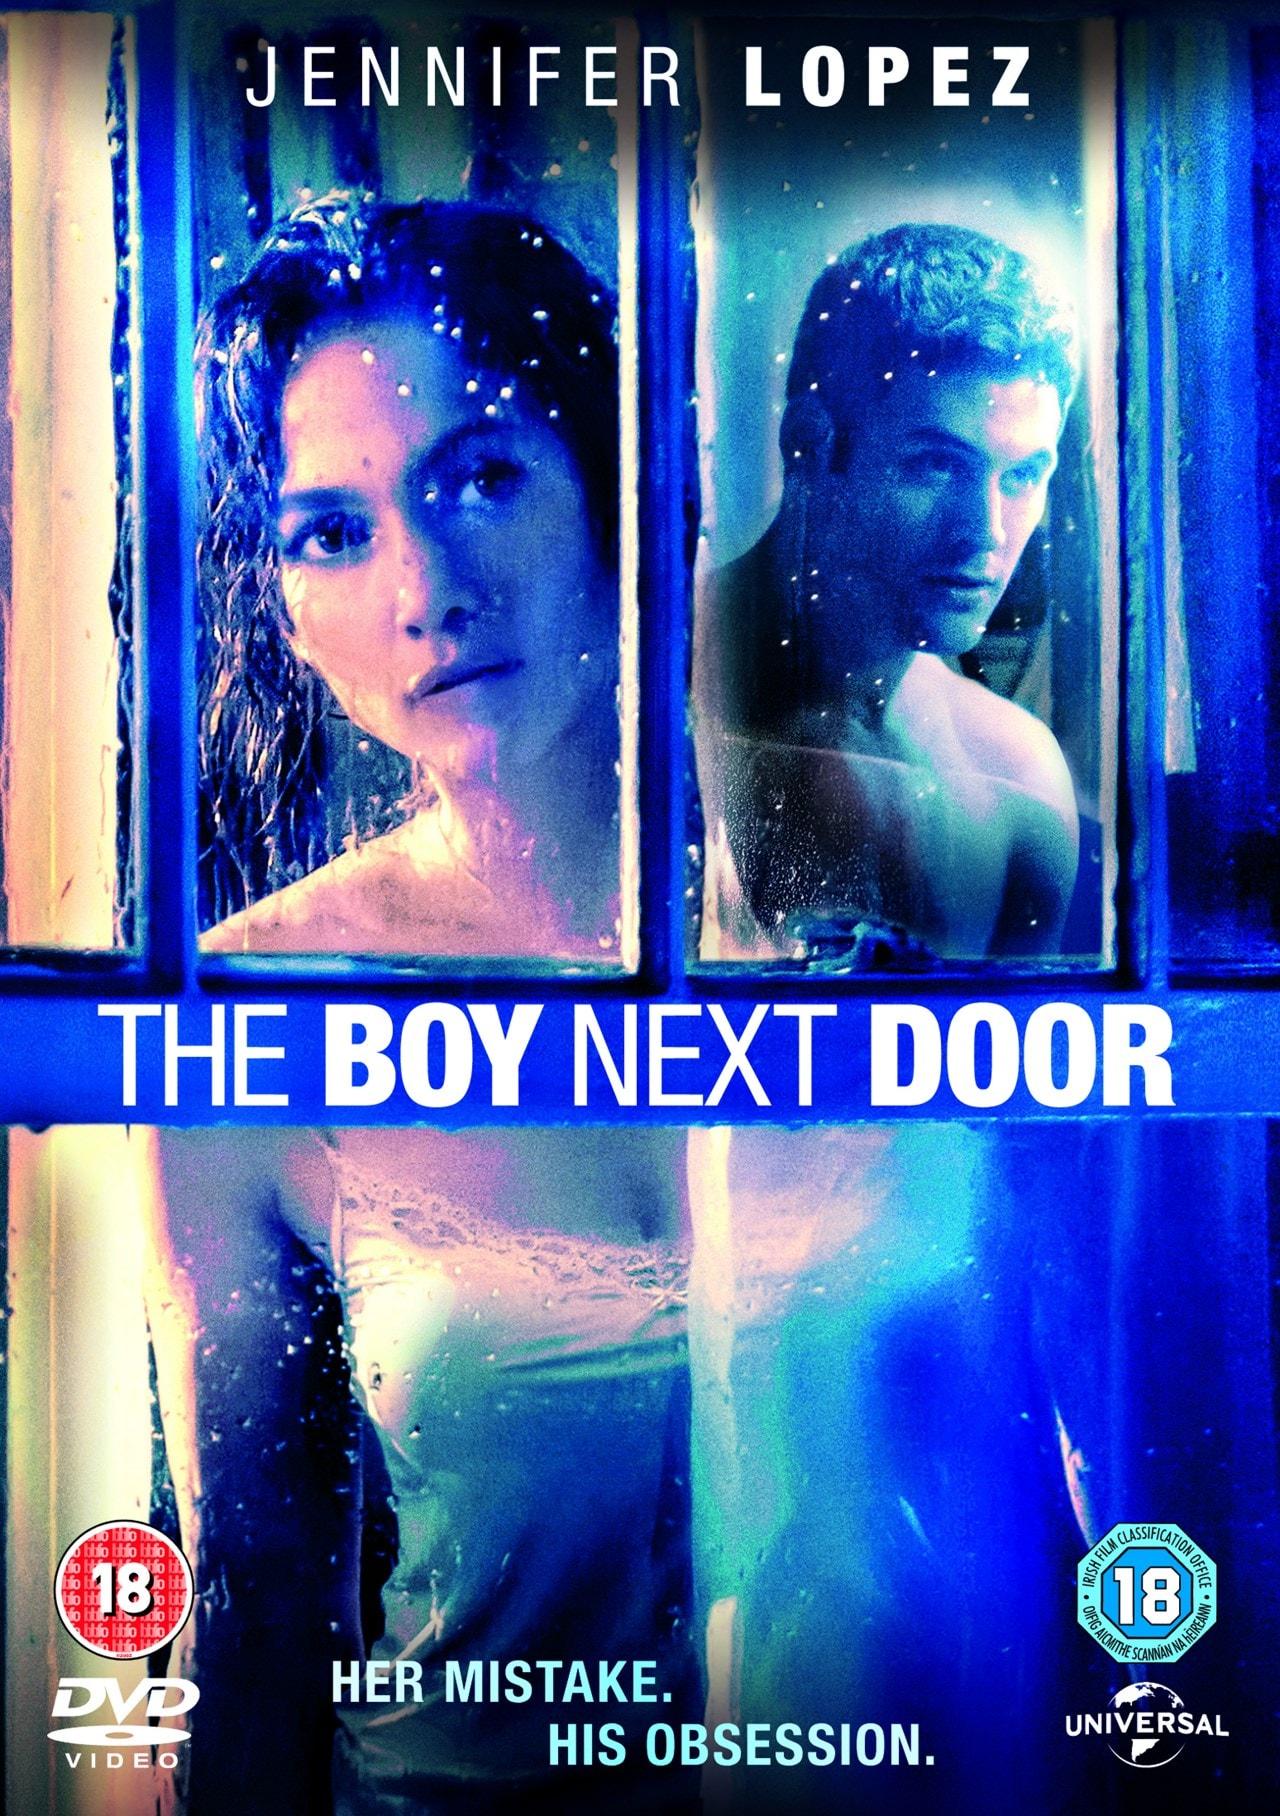 The Boy Next Door - 1